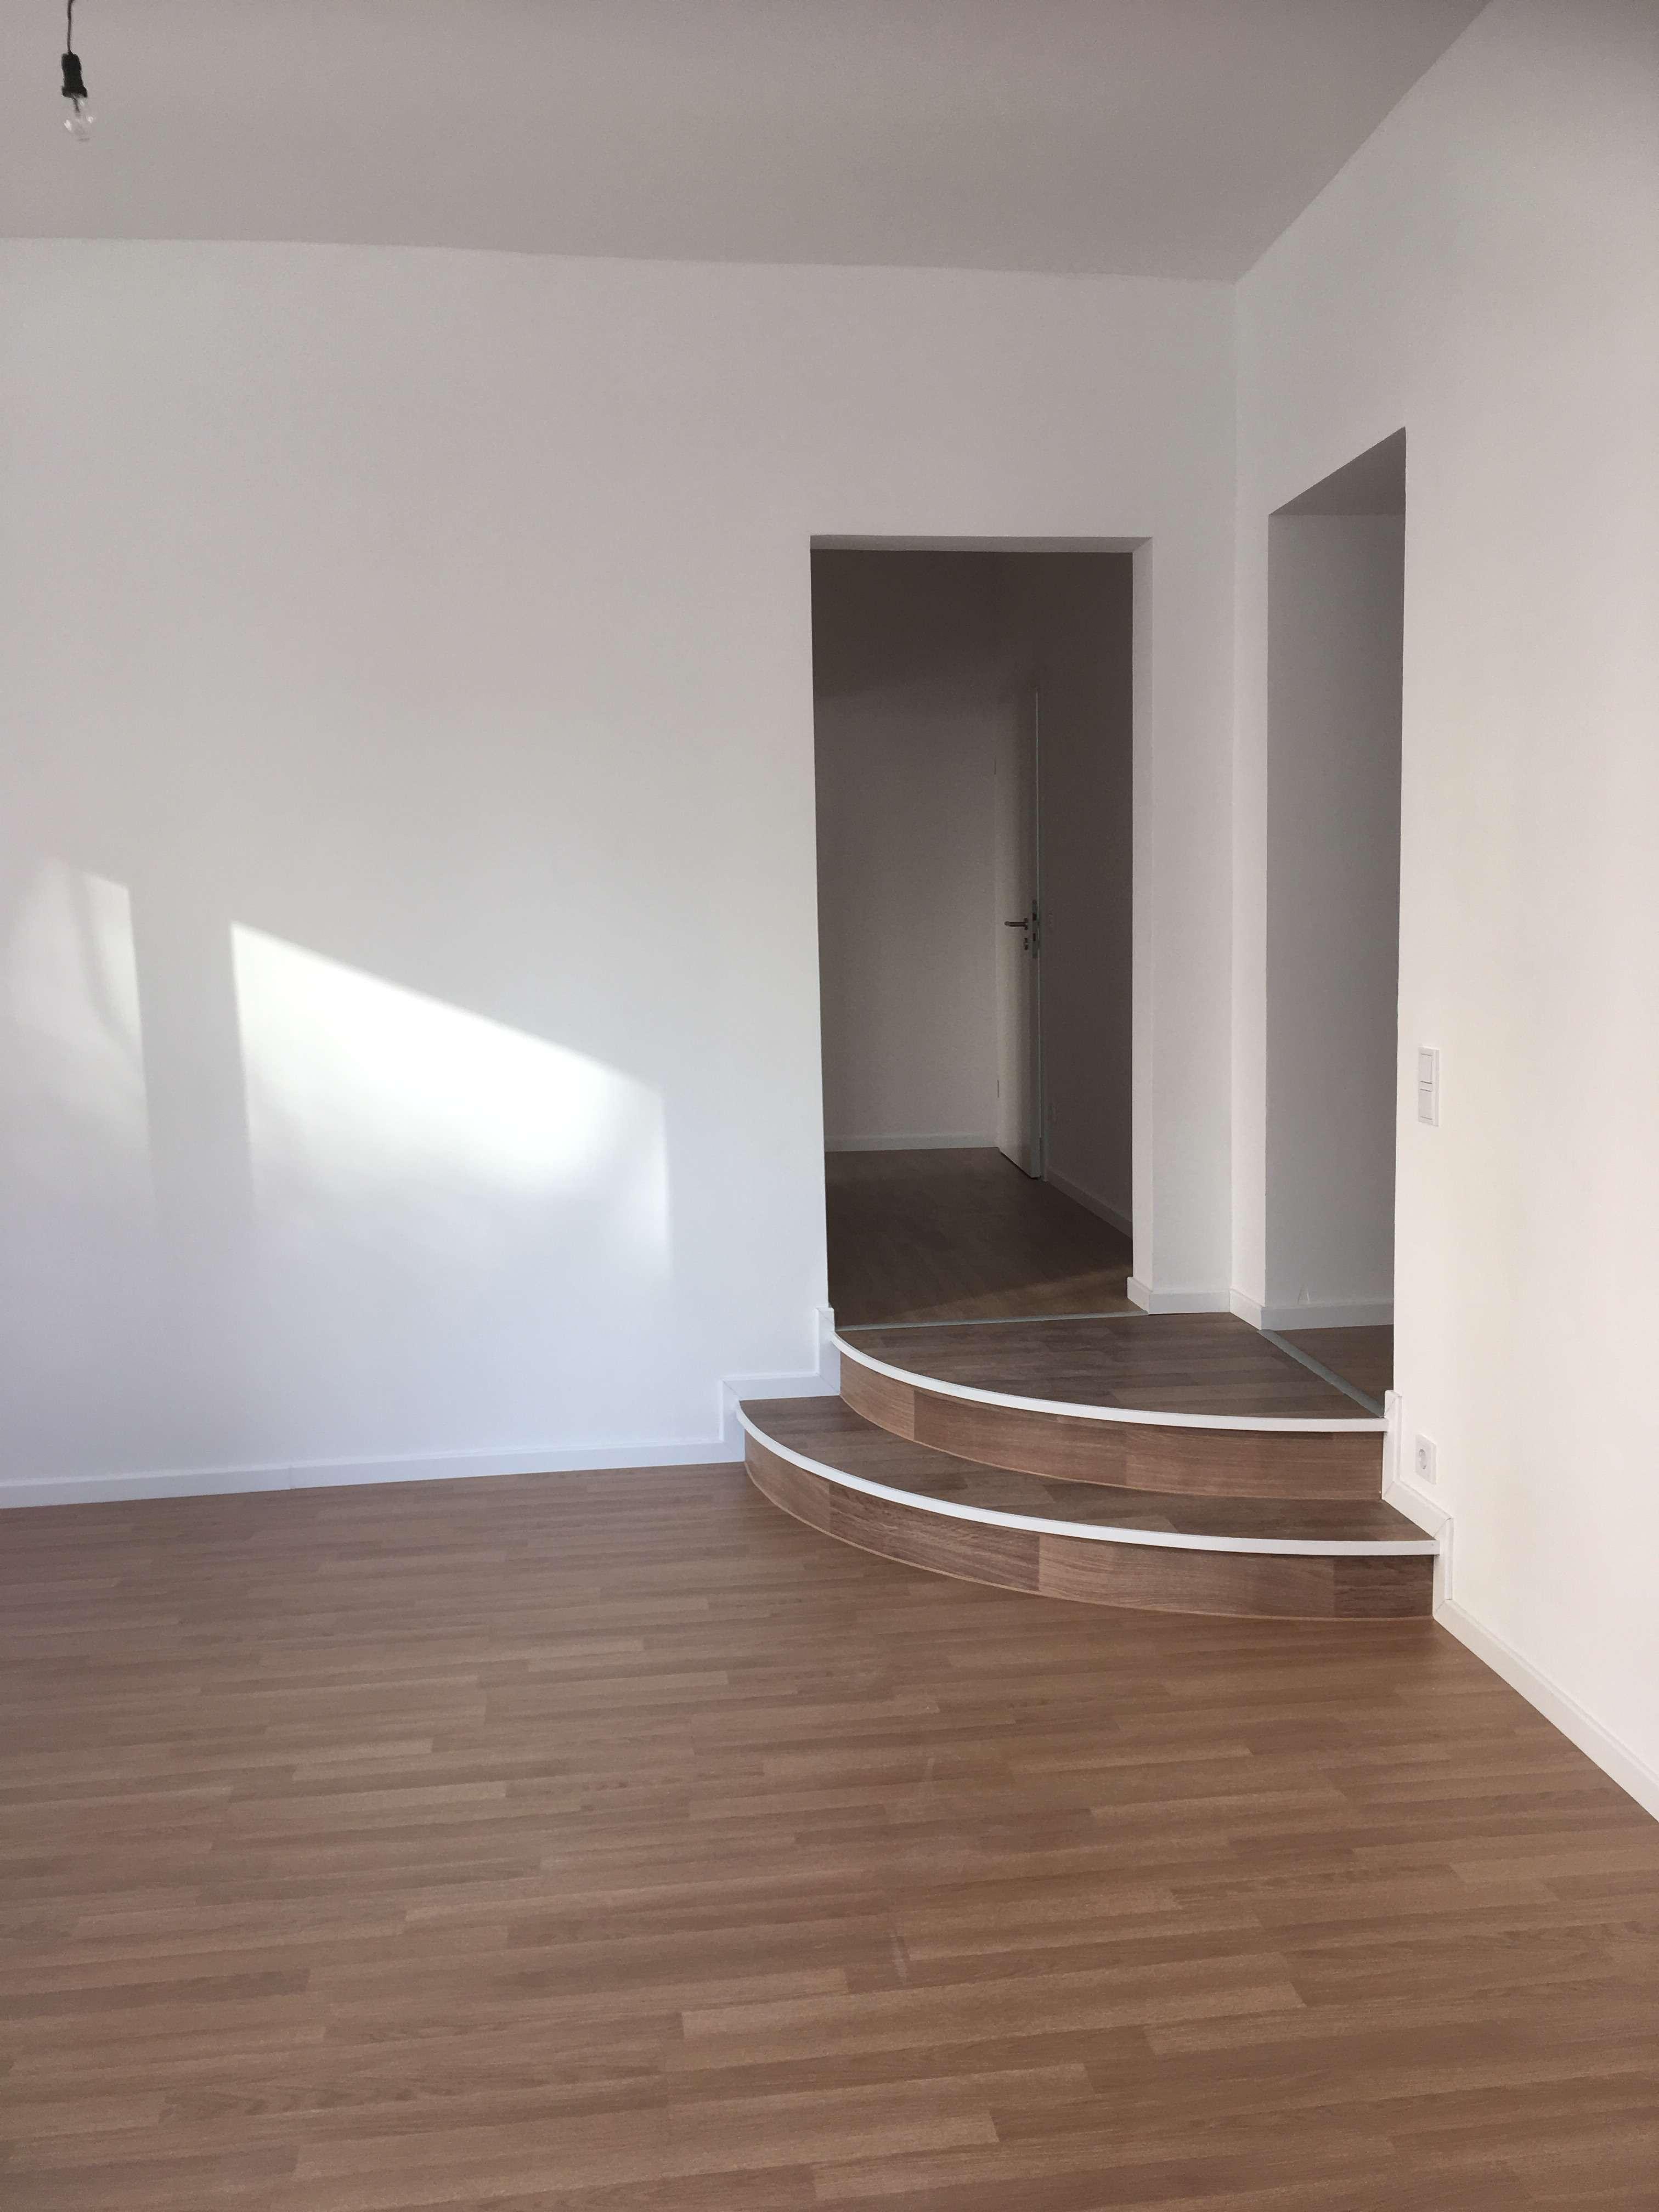 SCHÖNER WOHNEN..Kernsanierte 3 Zimmer Wohnungen in Top-Lage, nähe Citygalerie H2F in Augsburg-Innenstadt